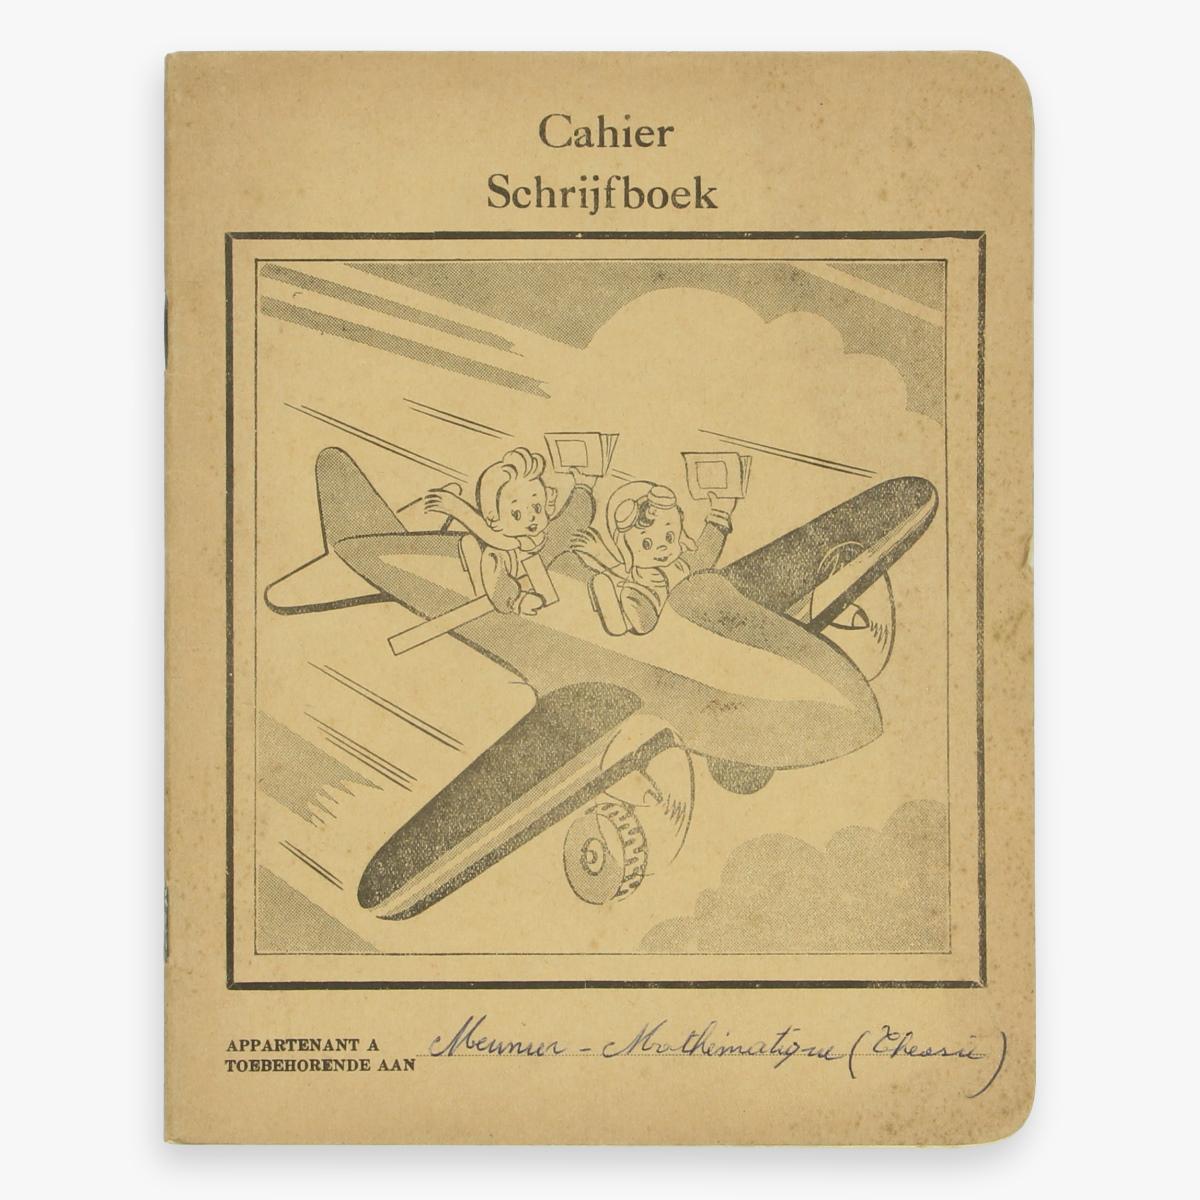 Afbeeldingen van cahier schrijfboek vliegtuig made in belguim